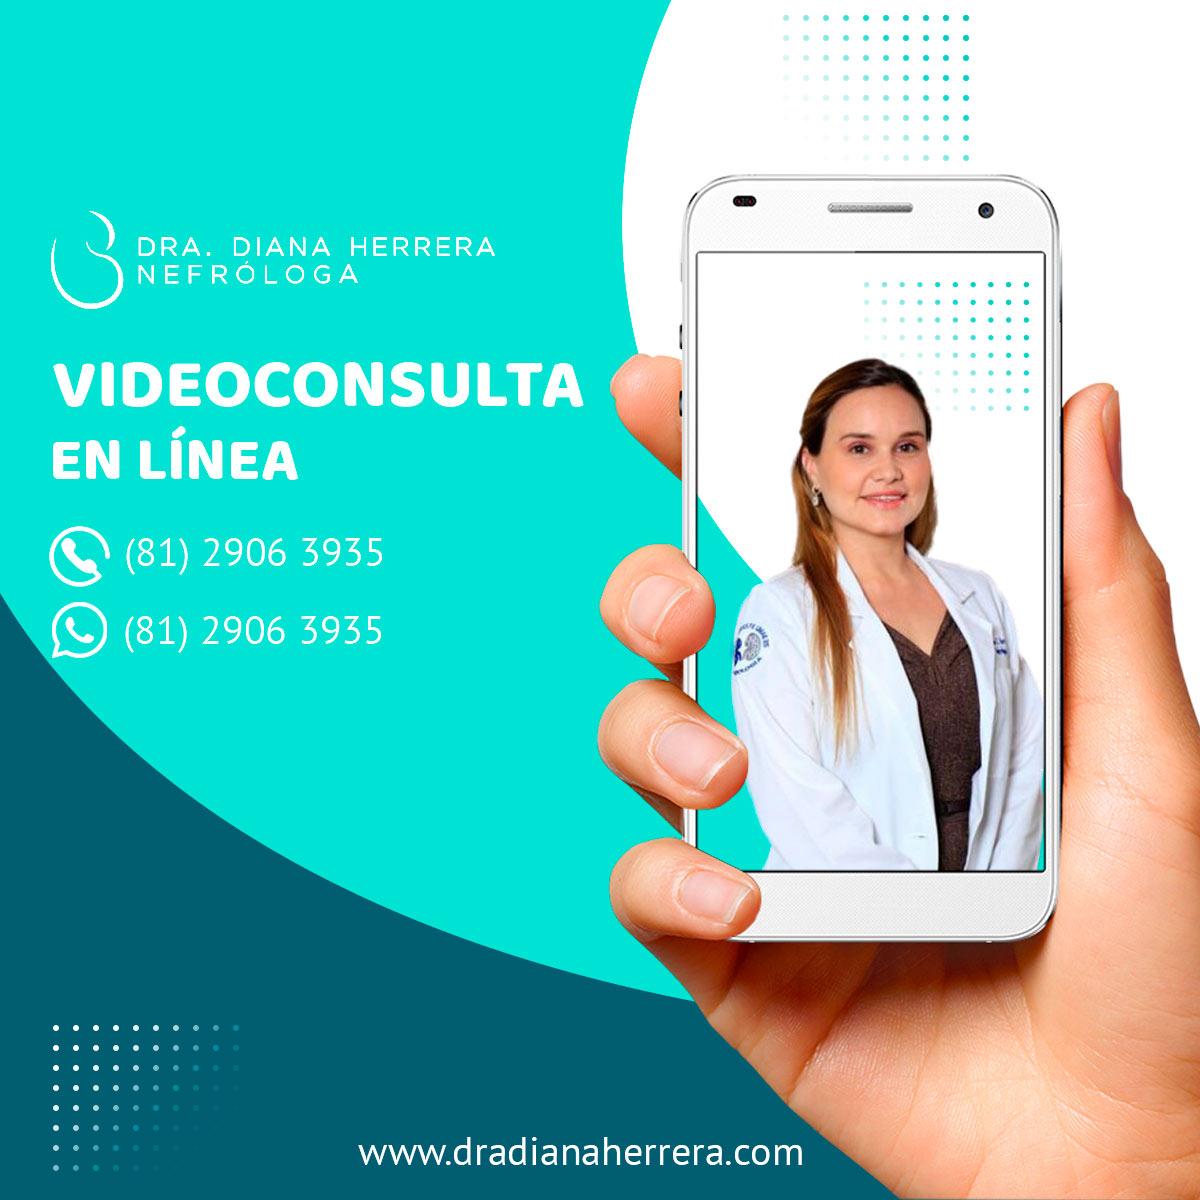 Videoconsulta